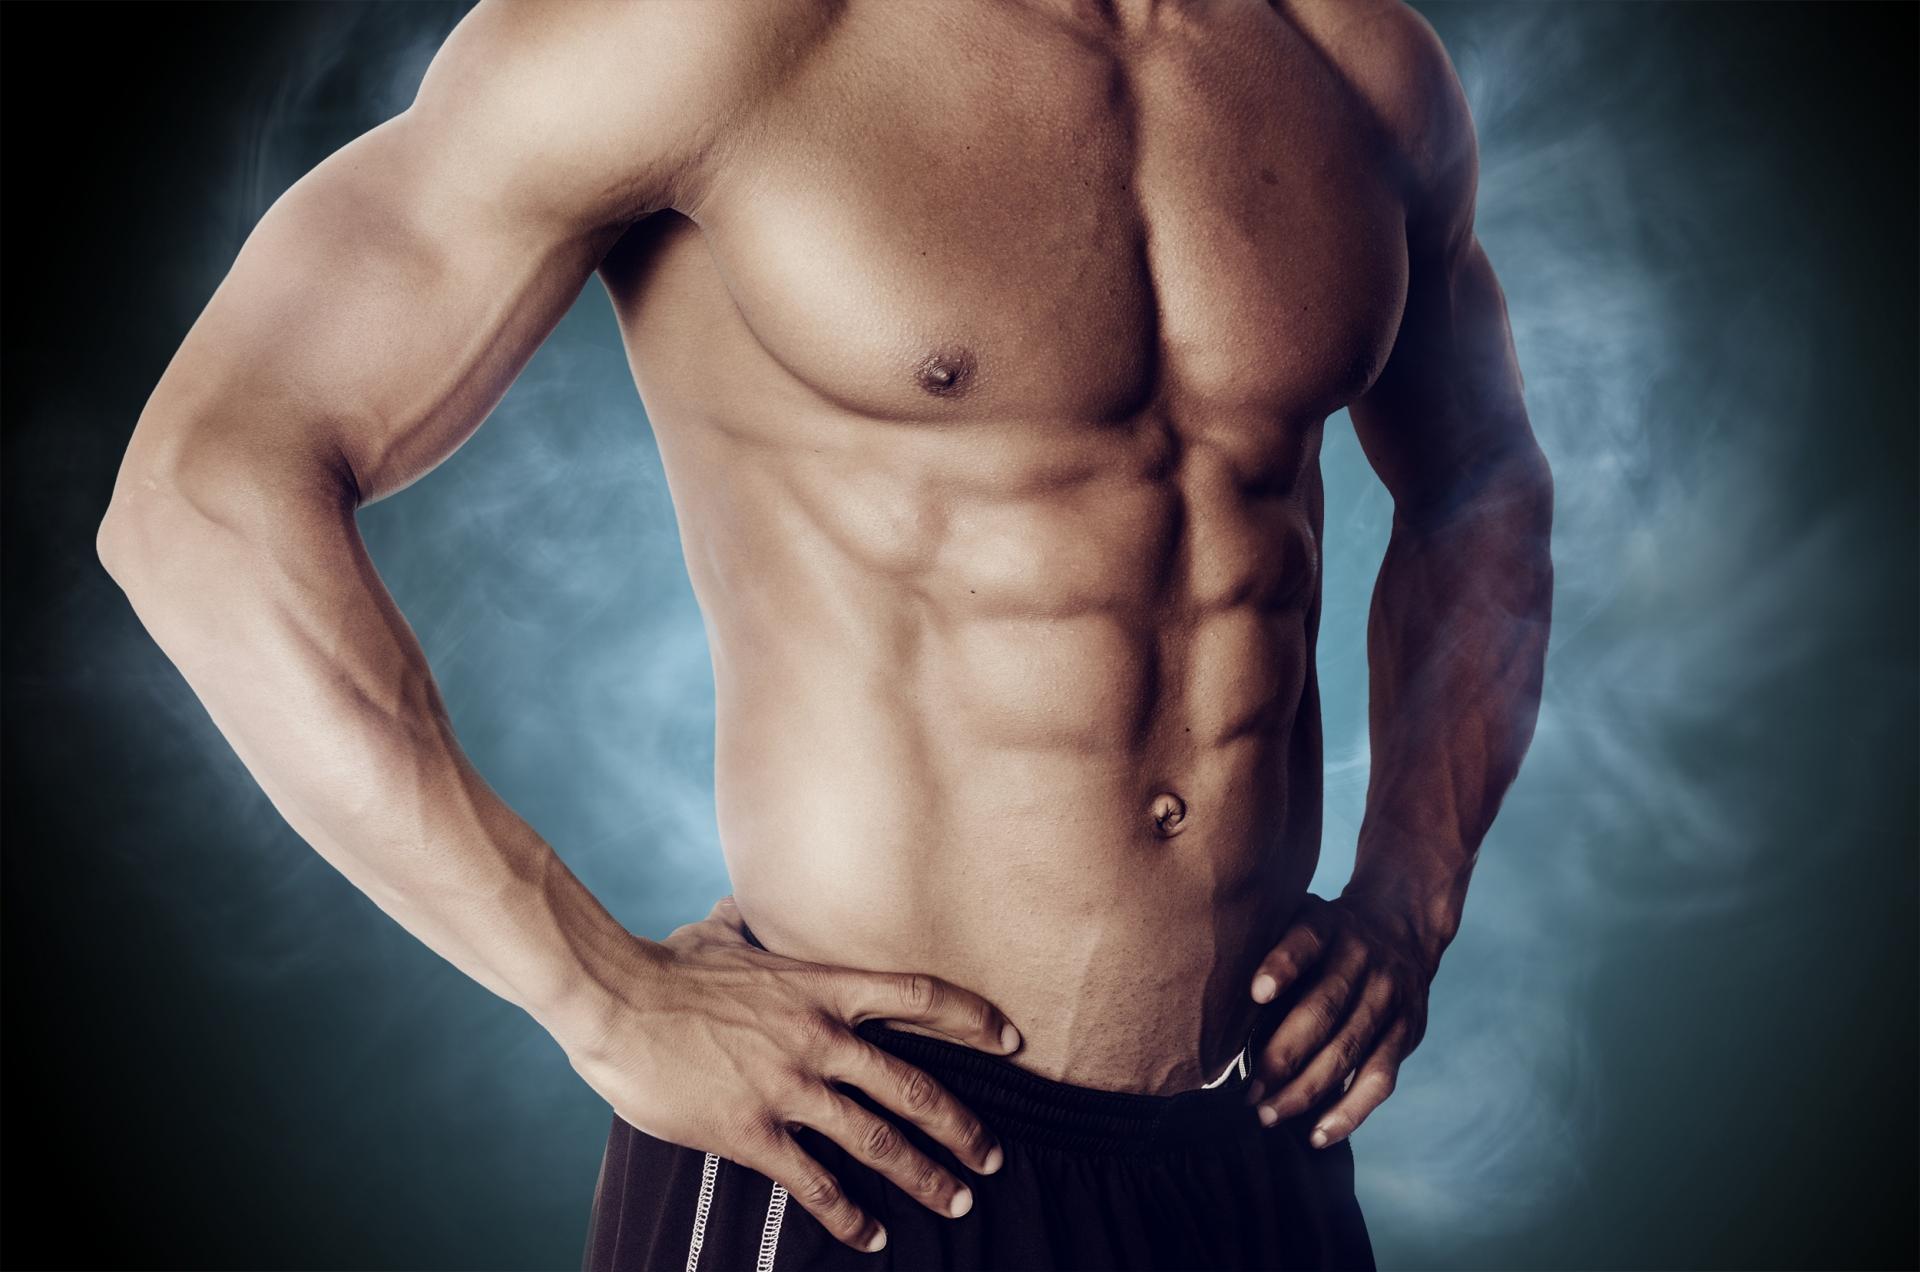 筋肉について徹底解説!腹筋の名称を理解して筋トレしましょう